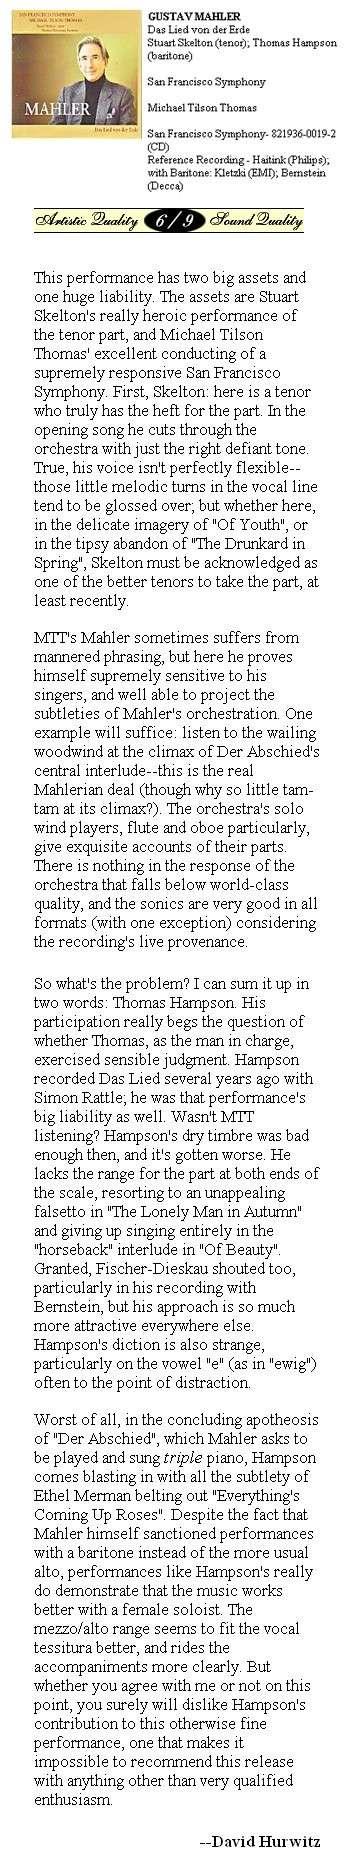 Las críticas de David Hurwitz Mtt_dl10